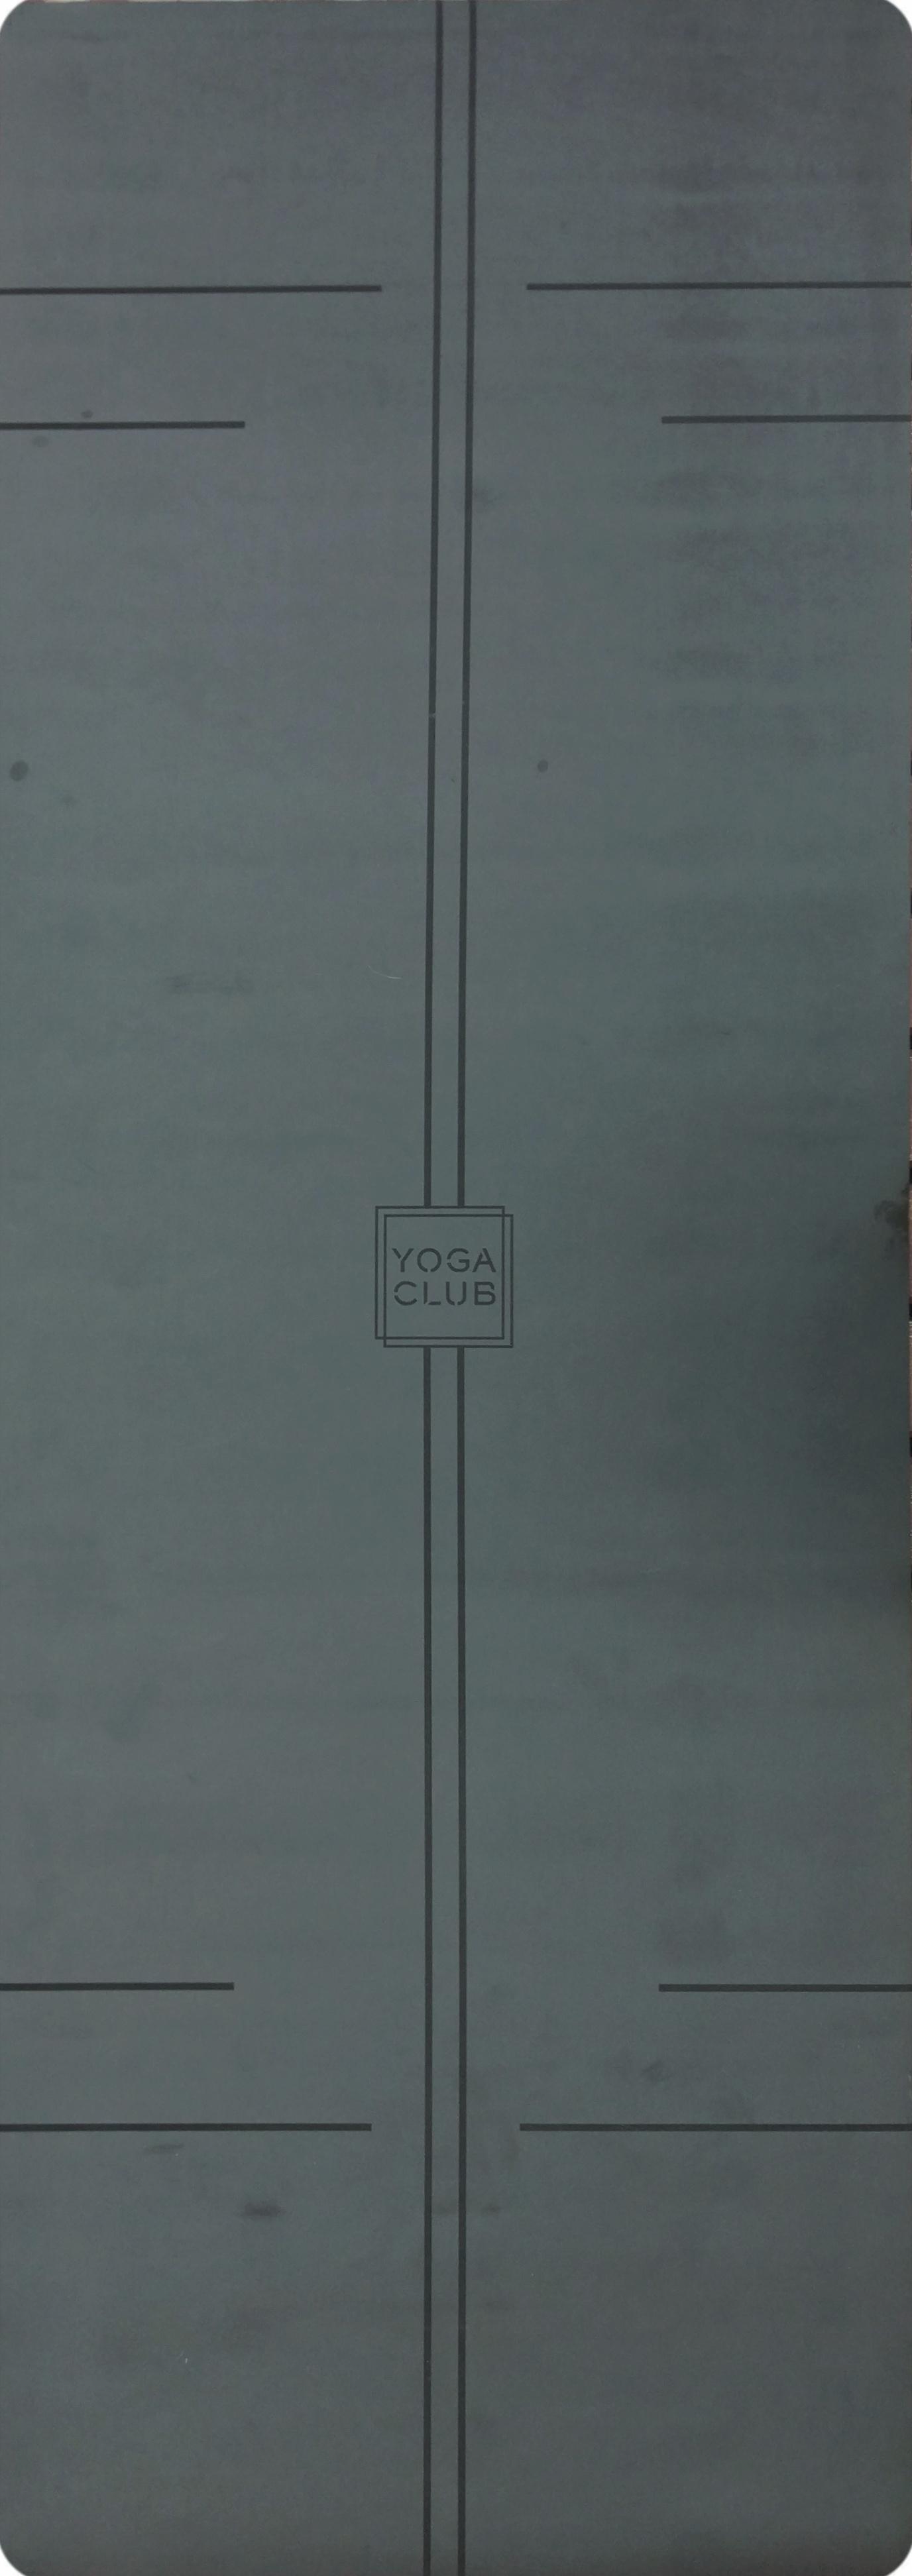 Коврик для йоги Pro YC из полиуретана и каучука (2,3 кг, 185 см, 4.5 мм, черный, 68см) цена